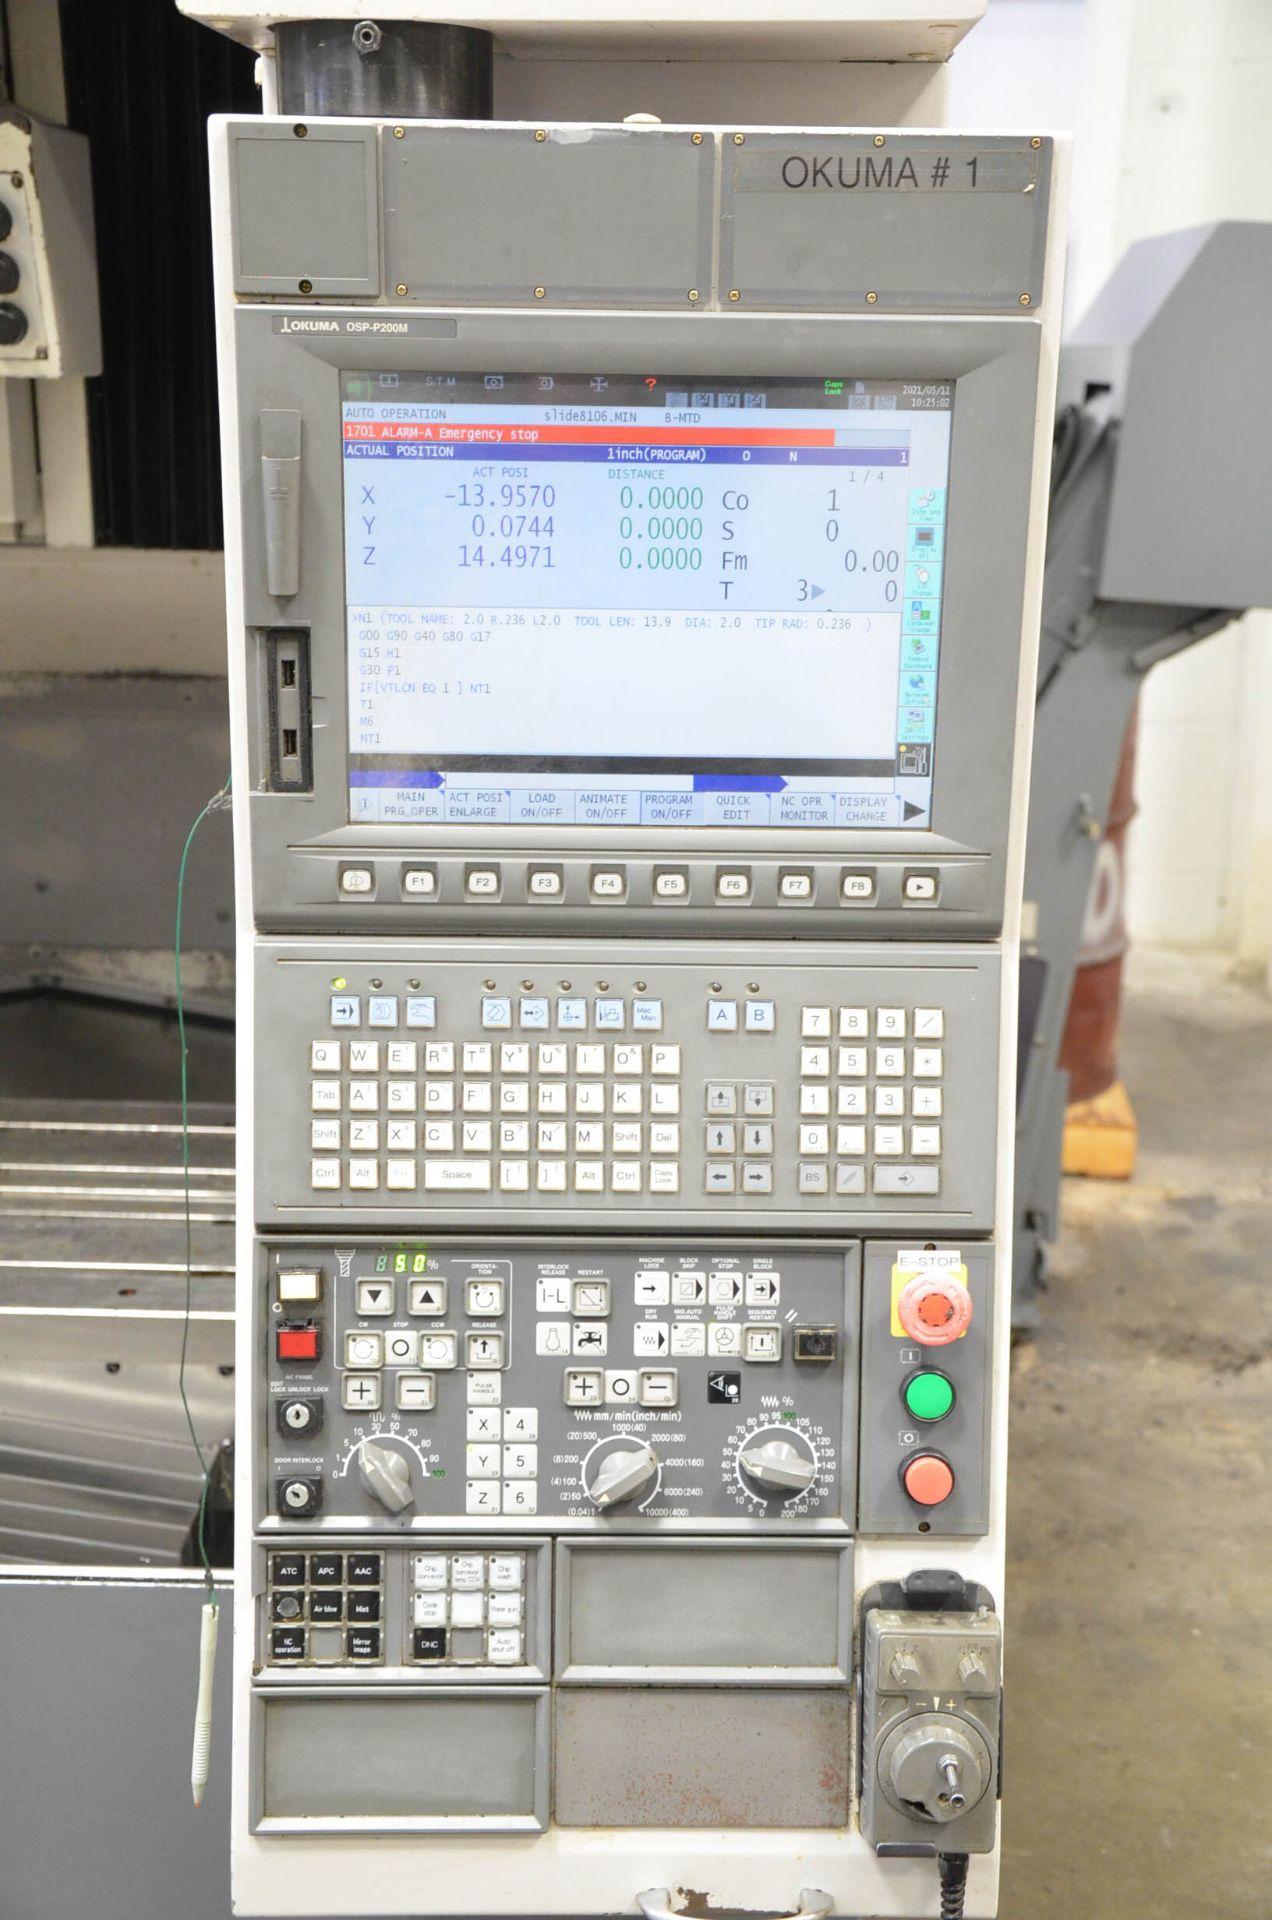 OKUMA (2007) ACE CENTER MB-56VB CNC VERTICAL MACHINING CENTER WITH OKUMA OSP-P200M CNC CONTROL, - Image 7 of 11